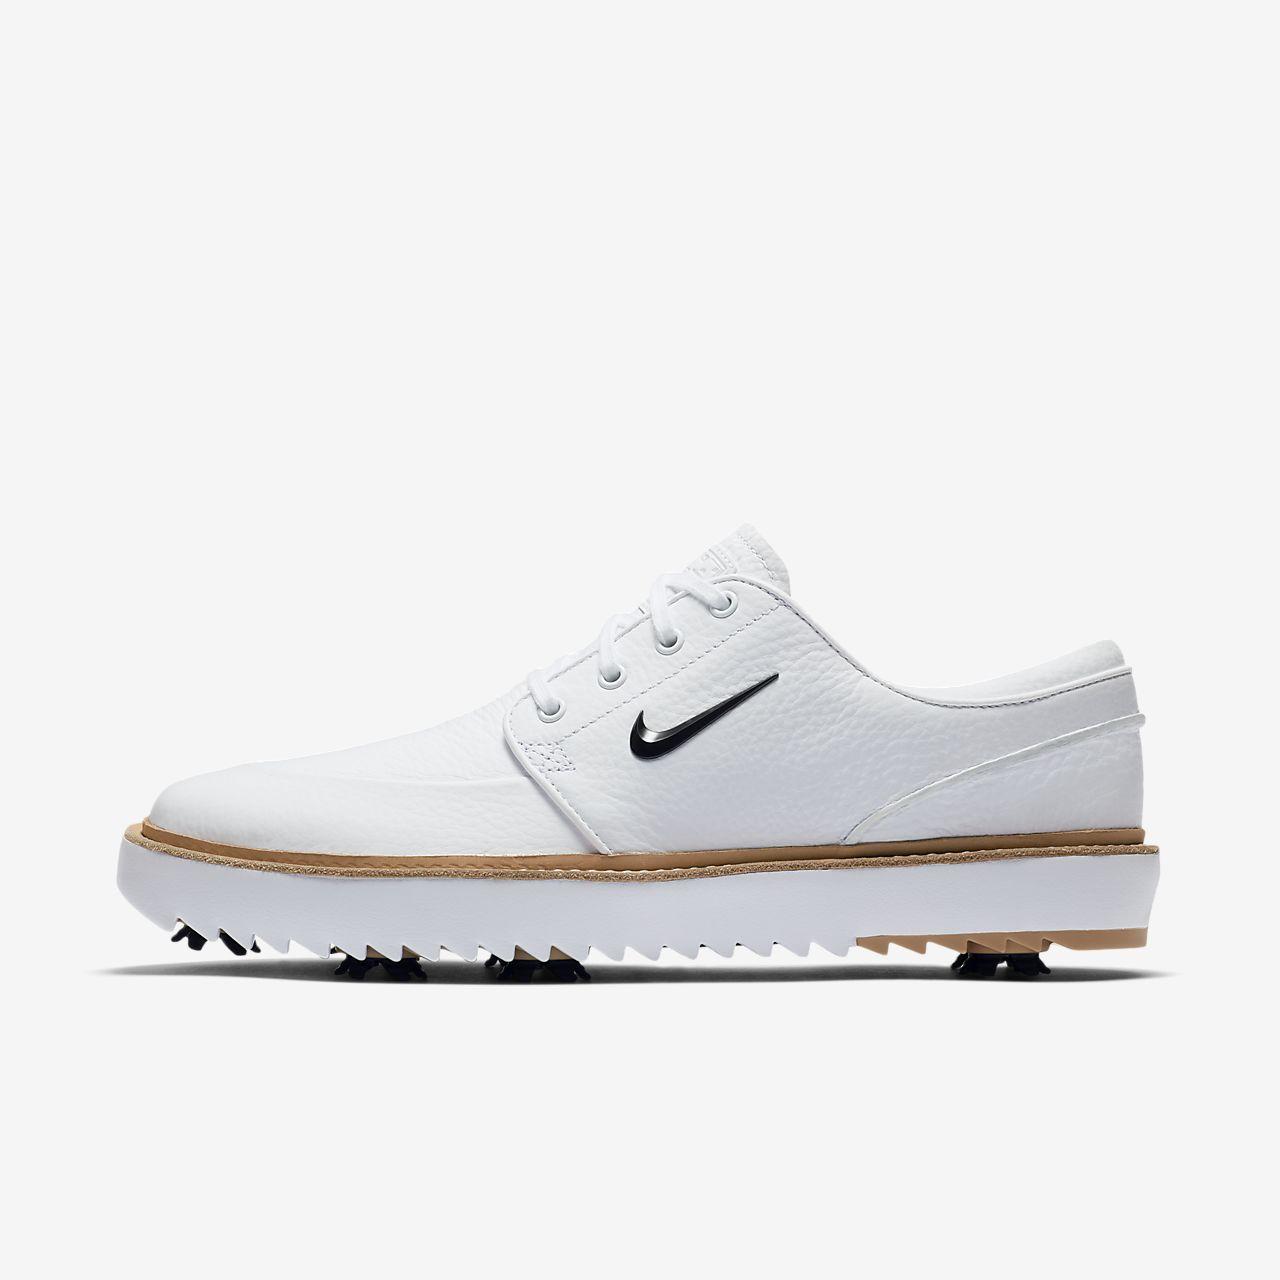 Nike Janoski G Tour Zapatillas de golf - Hombre